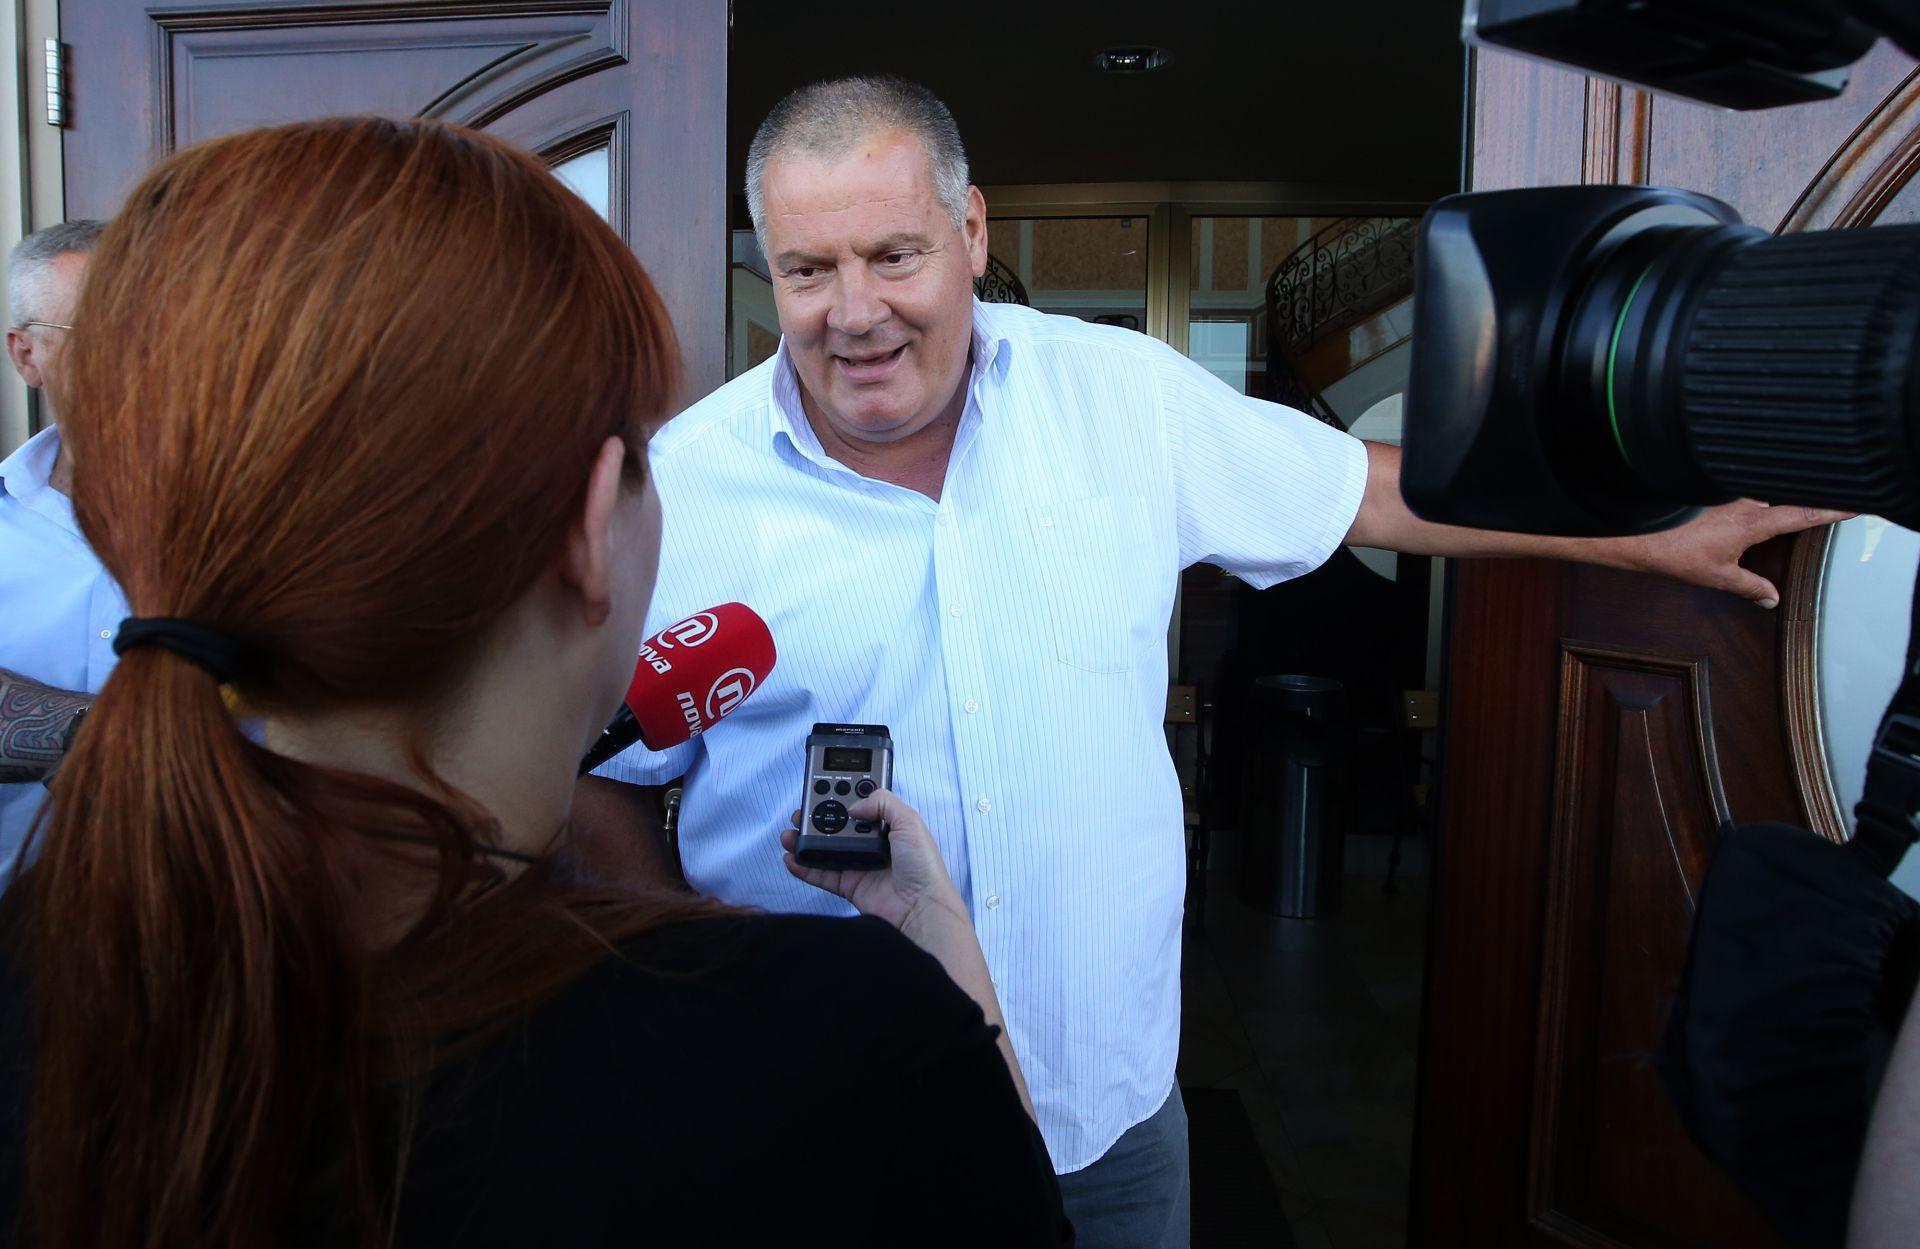 POVJERENSTVO: Gabrić objavom na facebooku teško povrijedio izborni etički kodeks